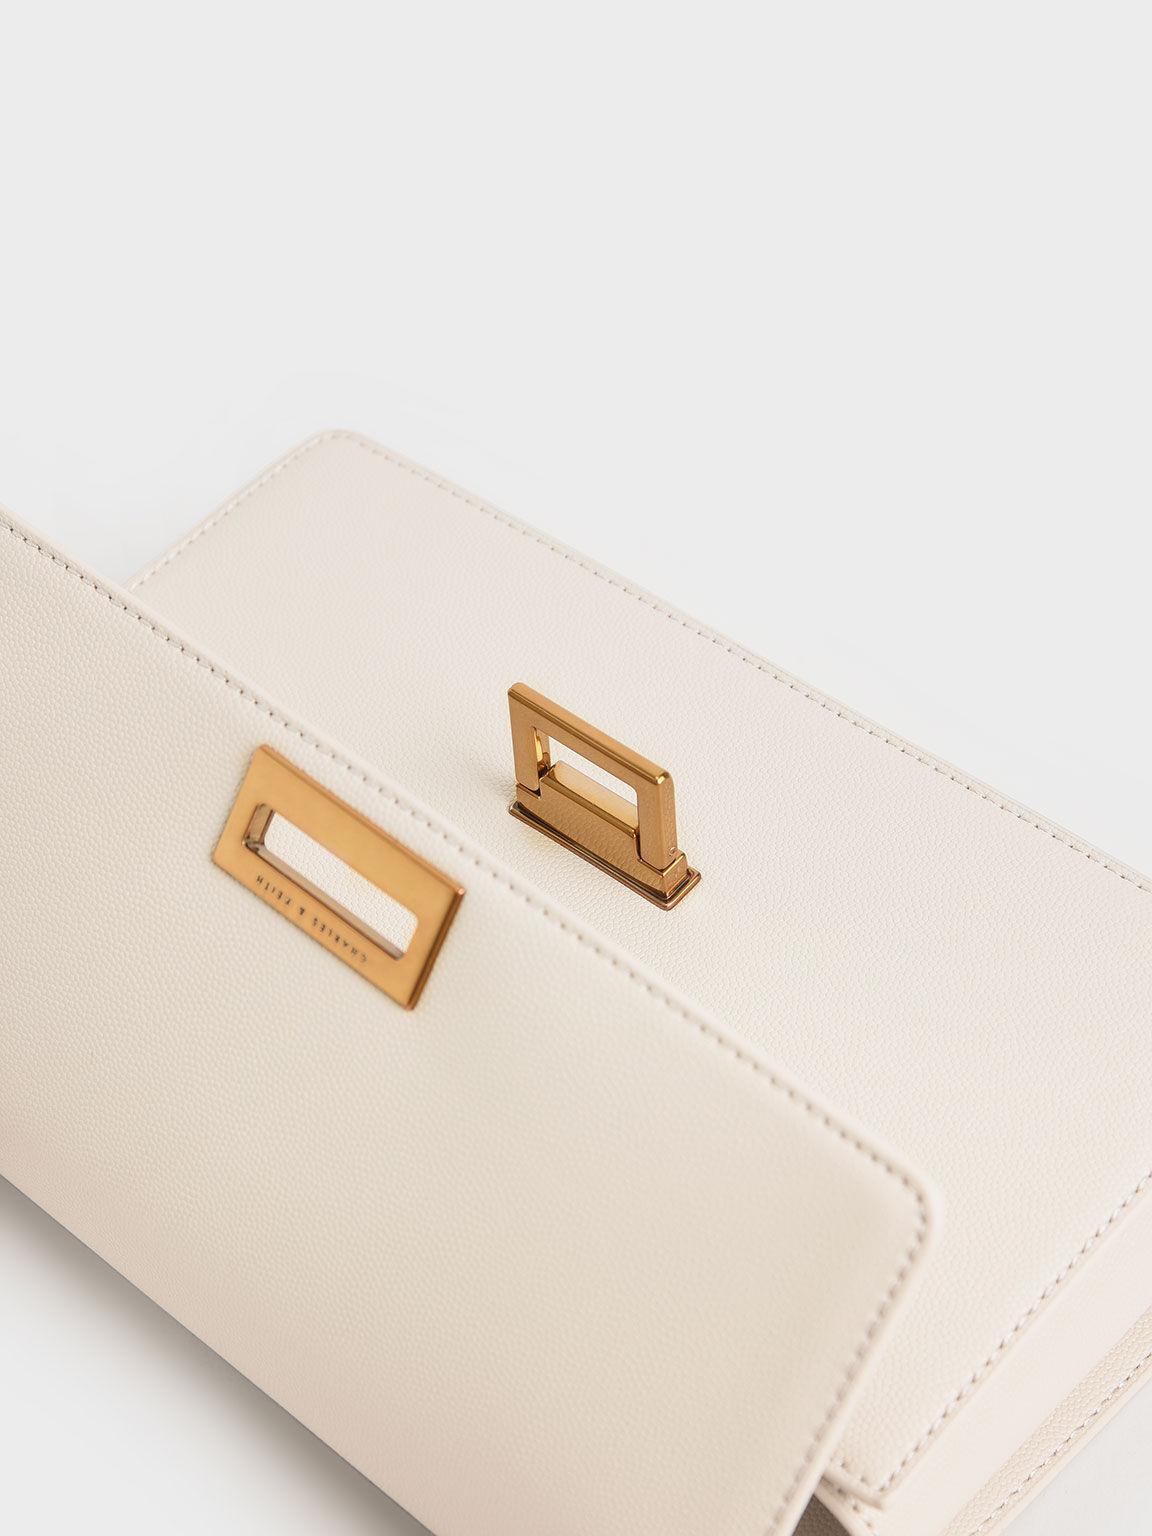 Chain Strap Evening Bag, Cream, hi-res